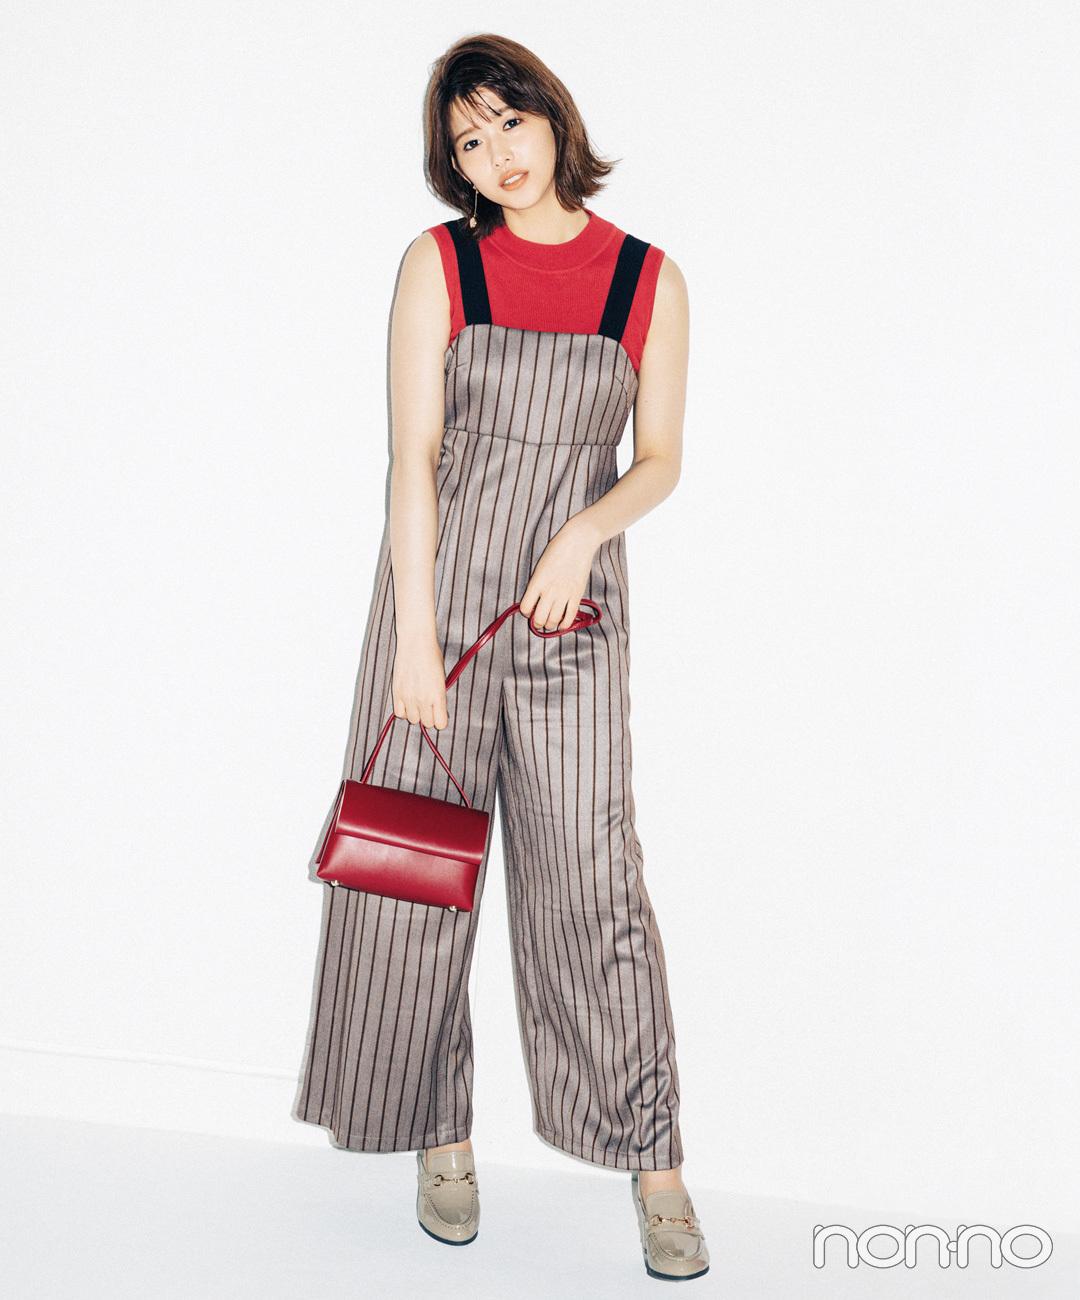 【赤ニットコーデ】高田里穂は、マドラスチェックのスカートで飾らないオシャレを満喫